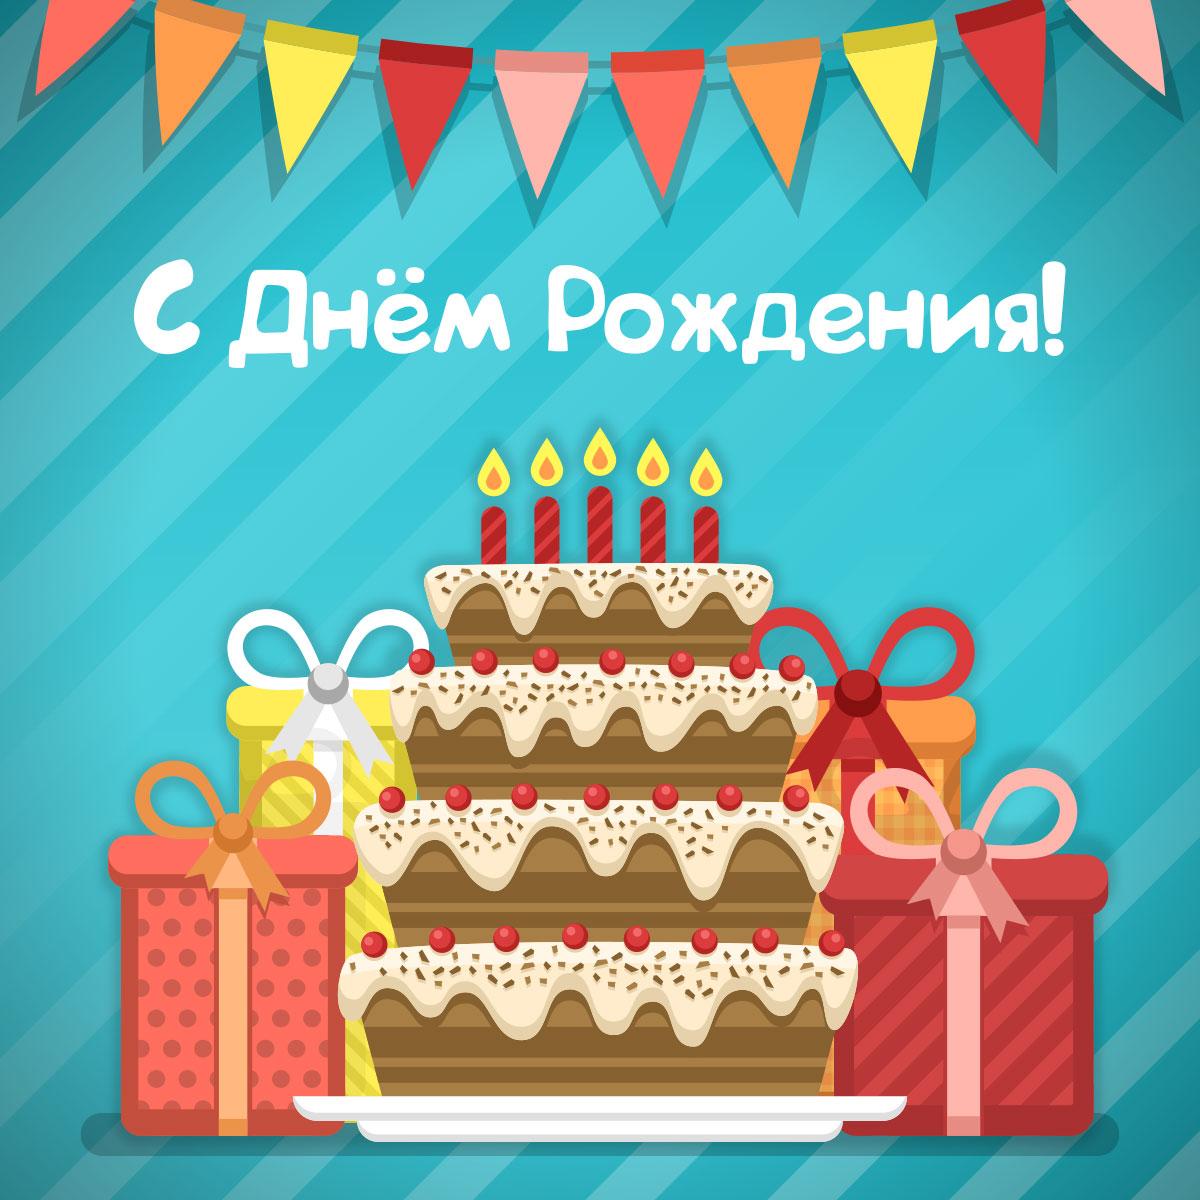 Голубая картинка торт с кремом и подарками.